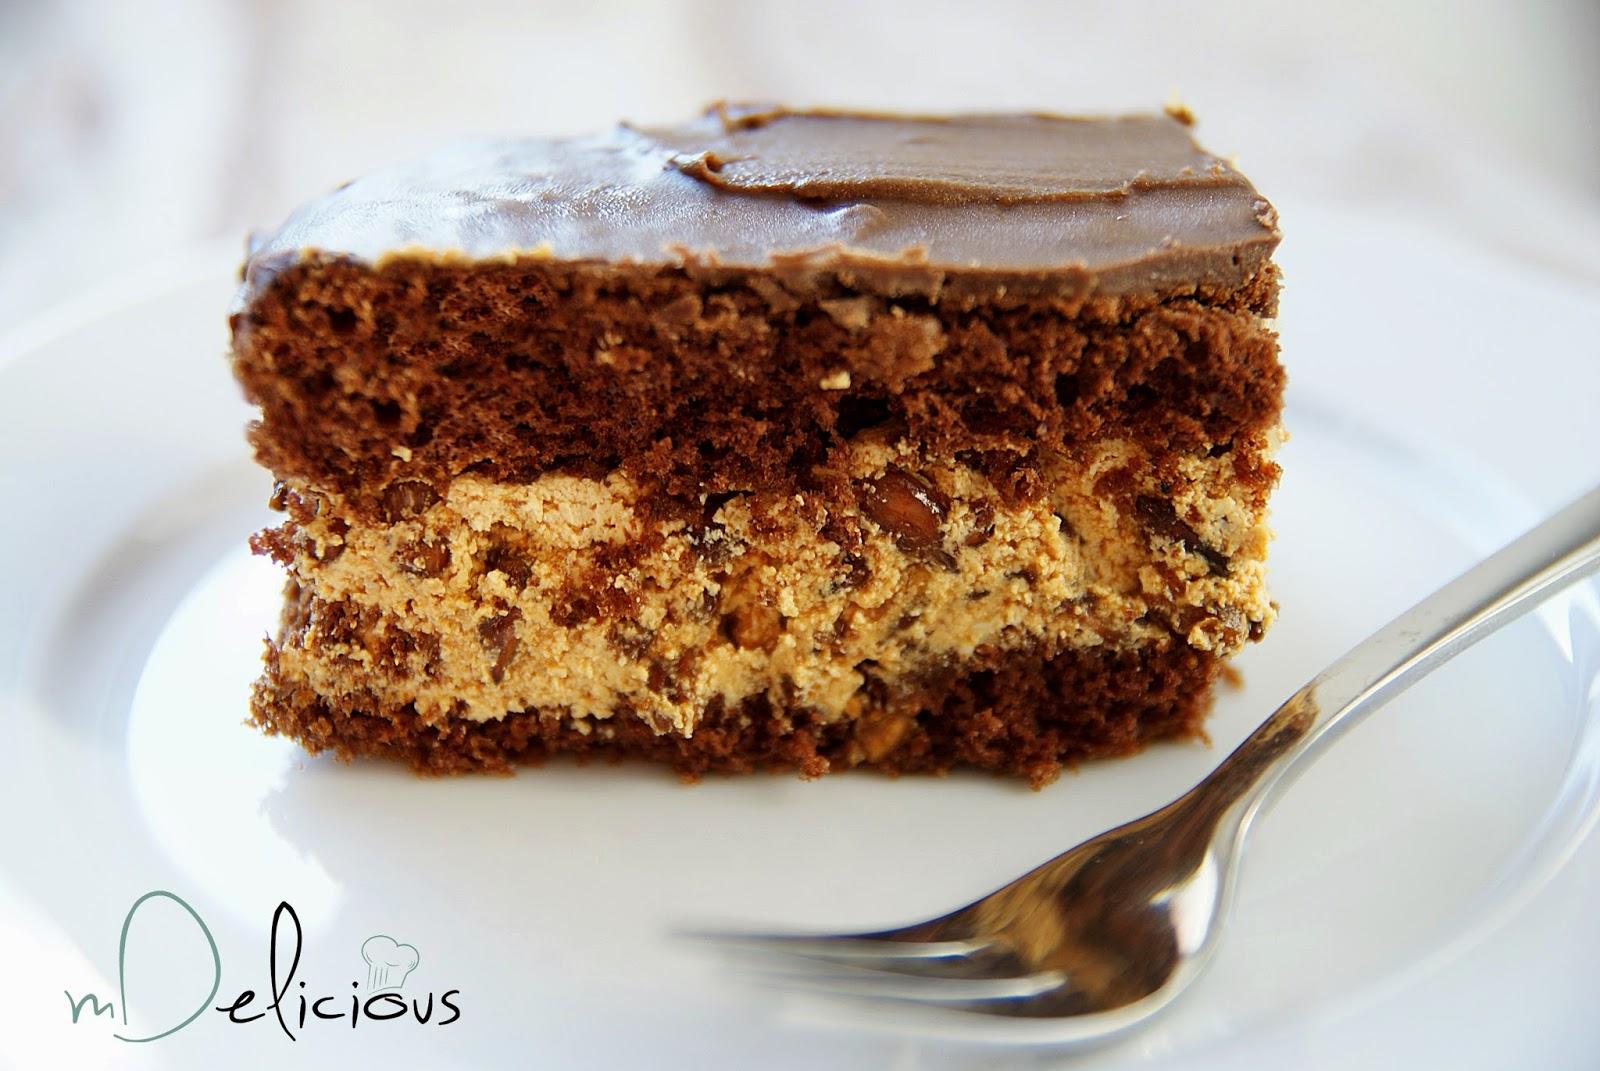 ciasto ze słonecznikiem, ciasto z prażonym słonecznikiem, przepis na ciasto ze słonecznikiem, proste ciasto, proste ciasta przepisy, przepisy na proste ciasta, ziarna słonecznika, prażony słonecznik